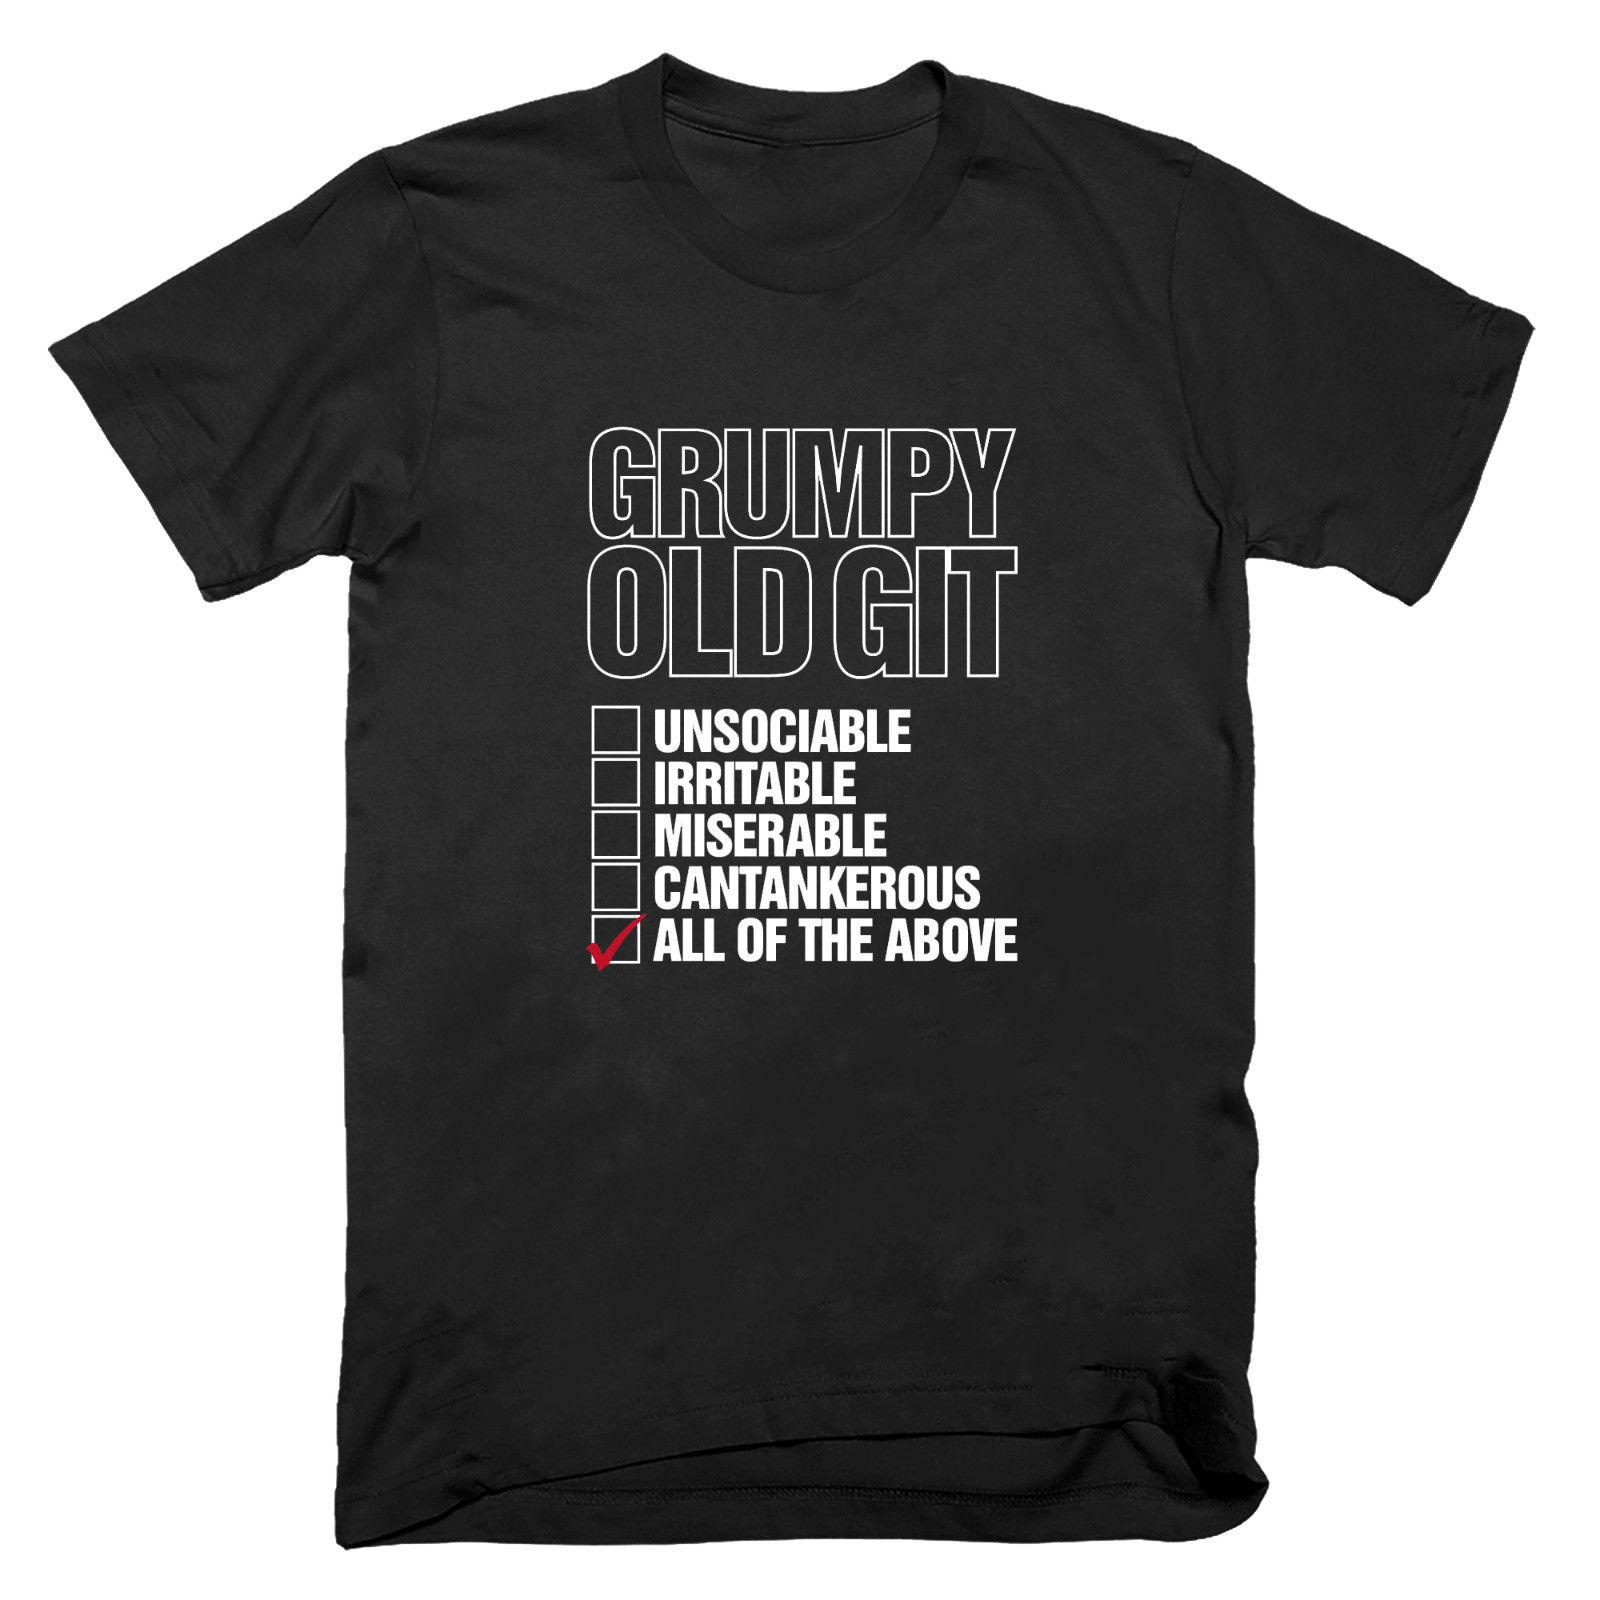 Grumpy Old Git Checklist T shirt Funny Gift Birthday Fathers Dad Grandad S - 5XL